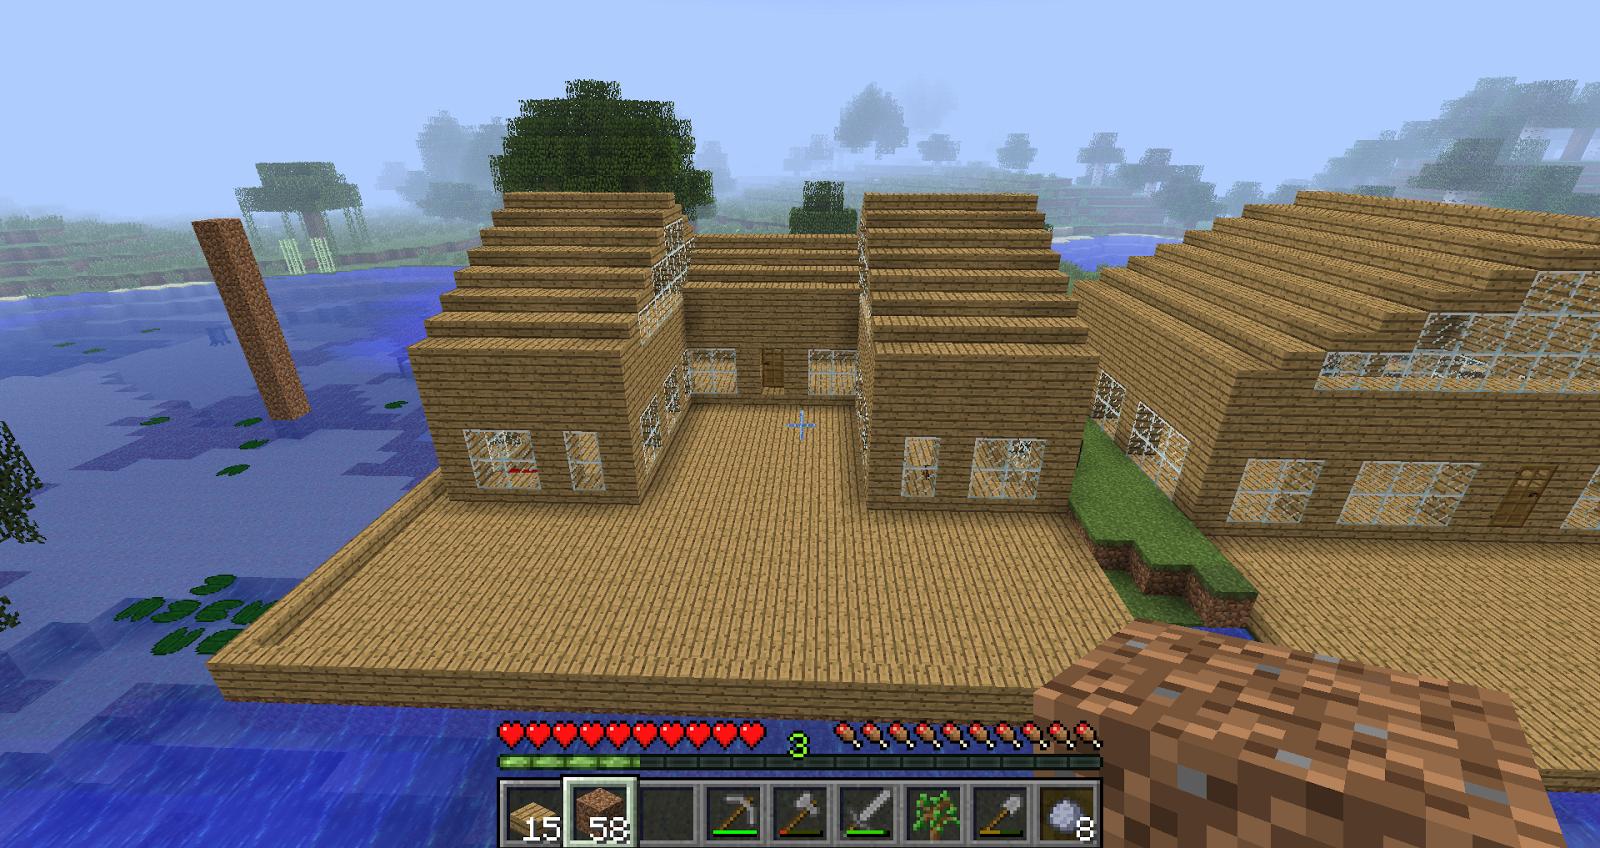 Lets Play MinecraftTipps Zum Bauen - Minecraft haus bauen tipps